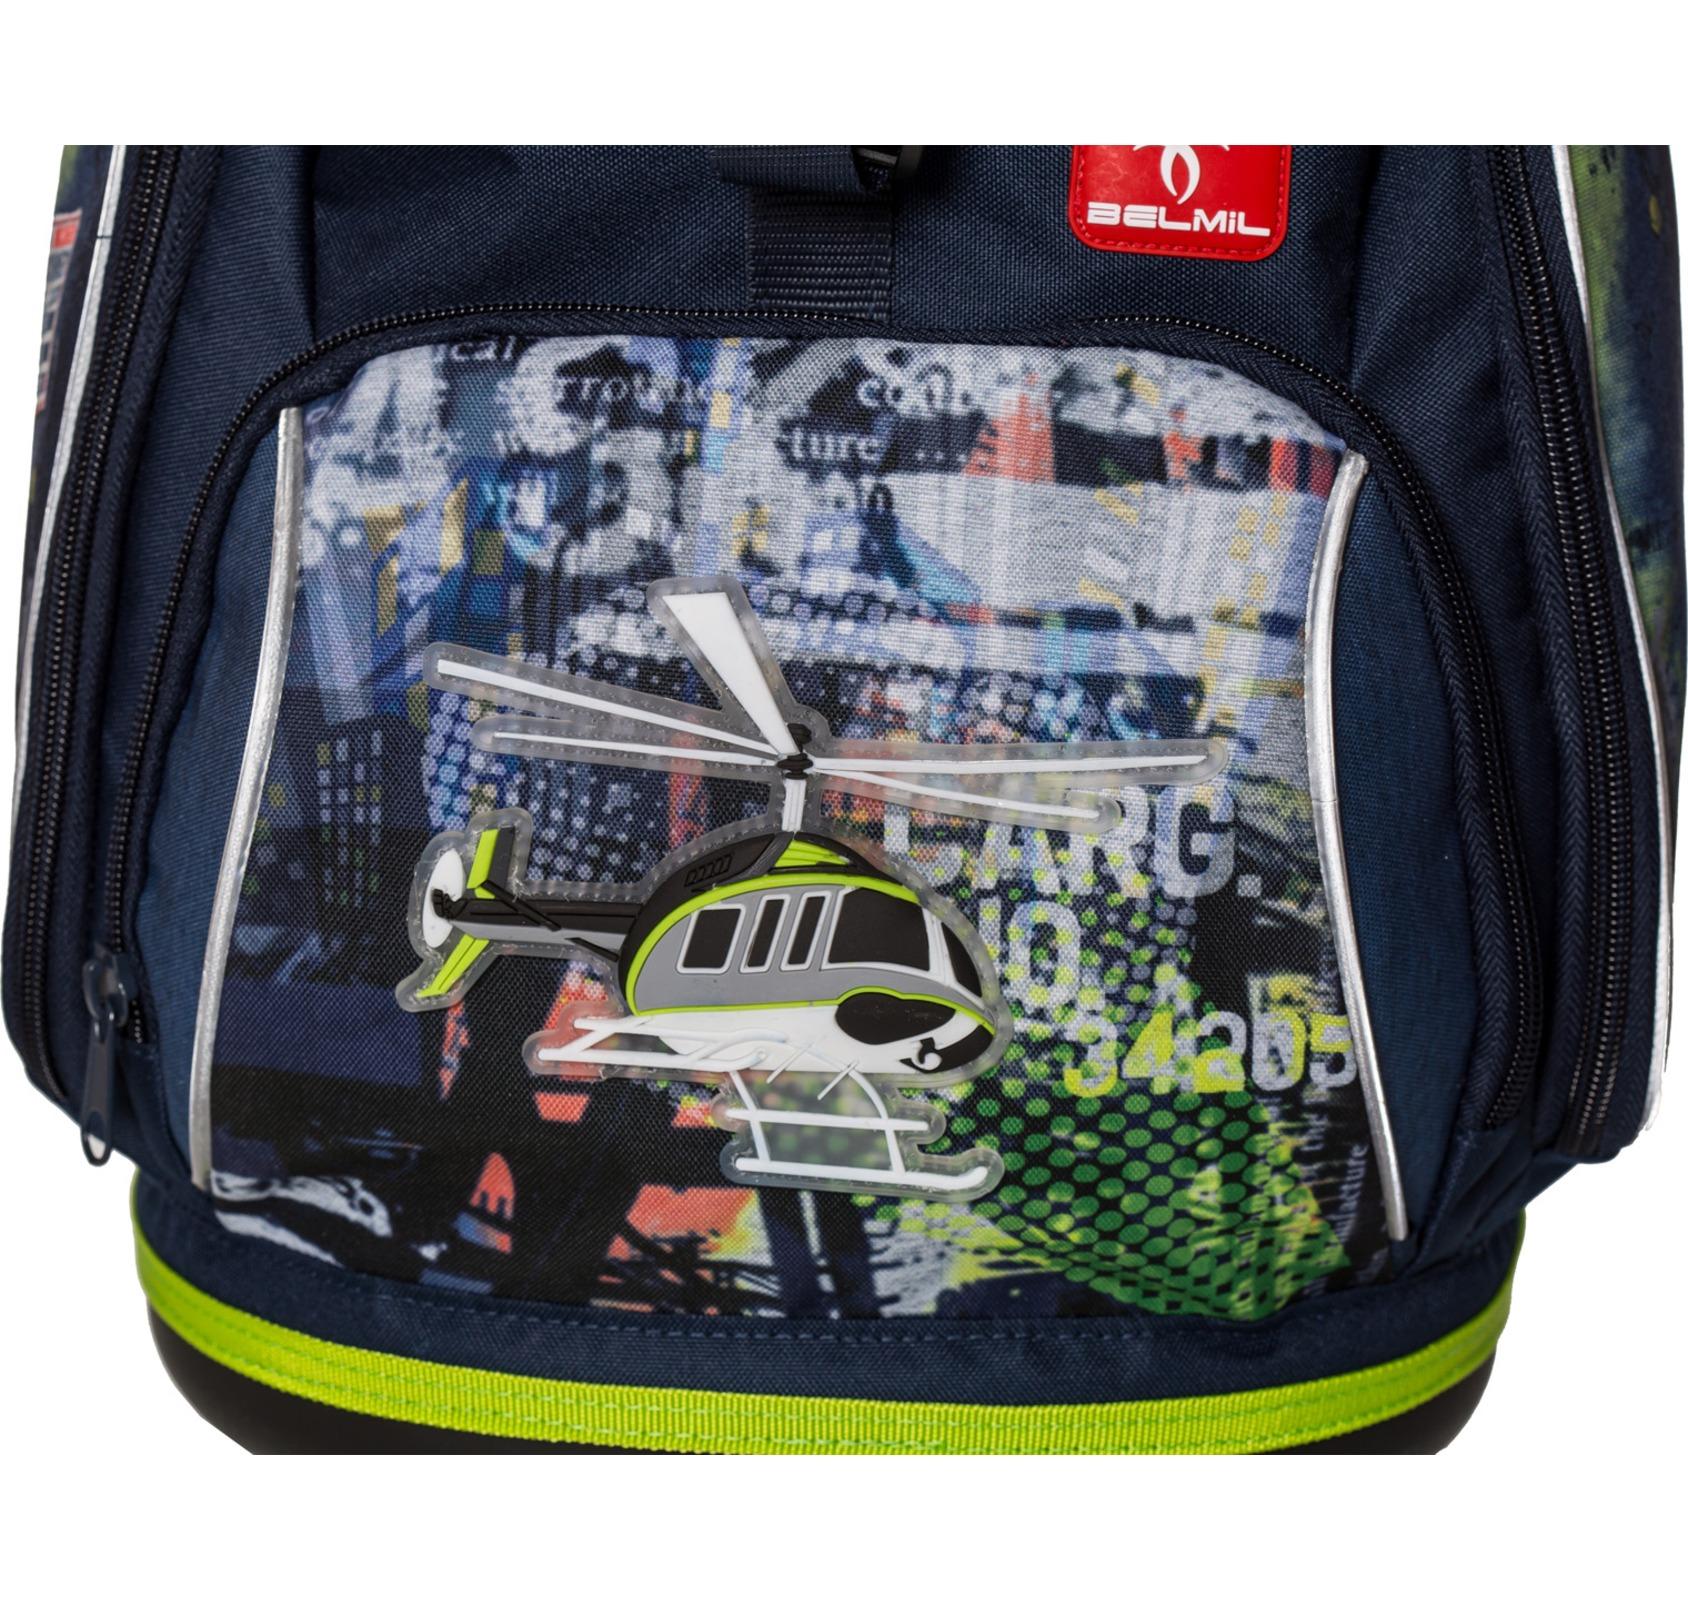 Ранец-рюкзак Belmil 404-31/476 цвет Helicopter Новинка, - фото 2